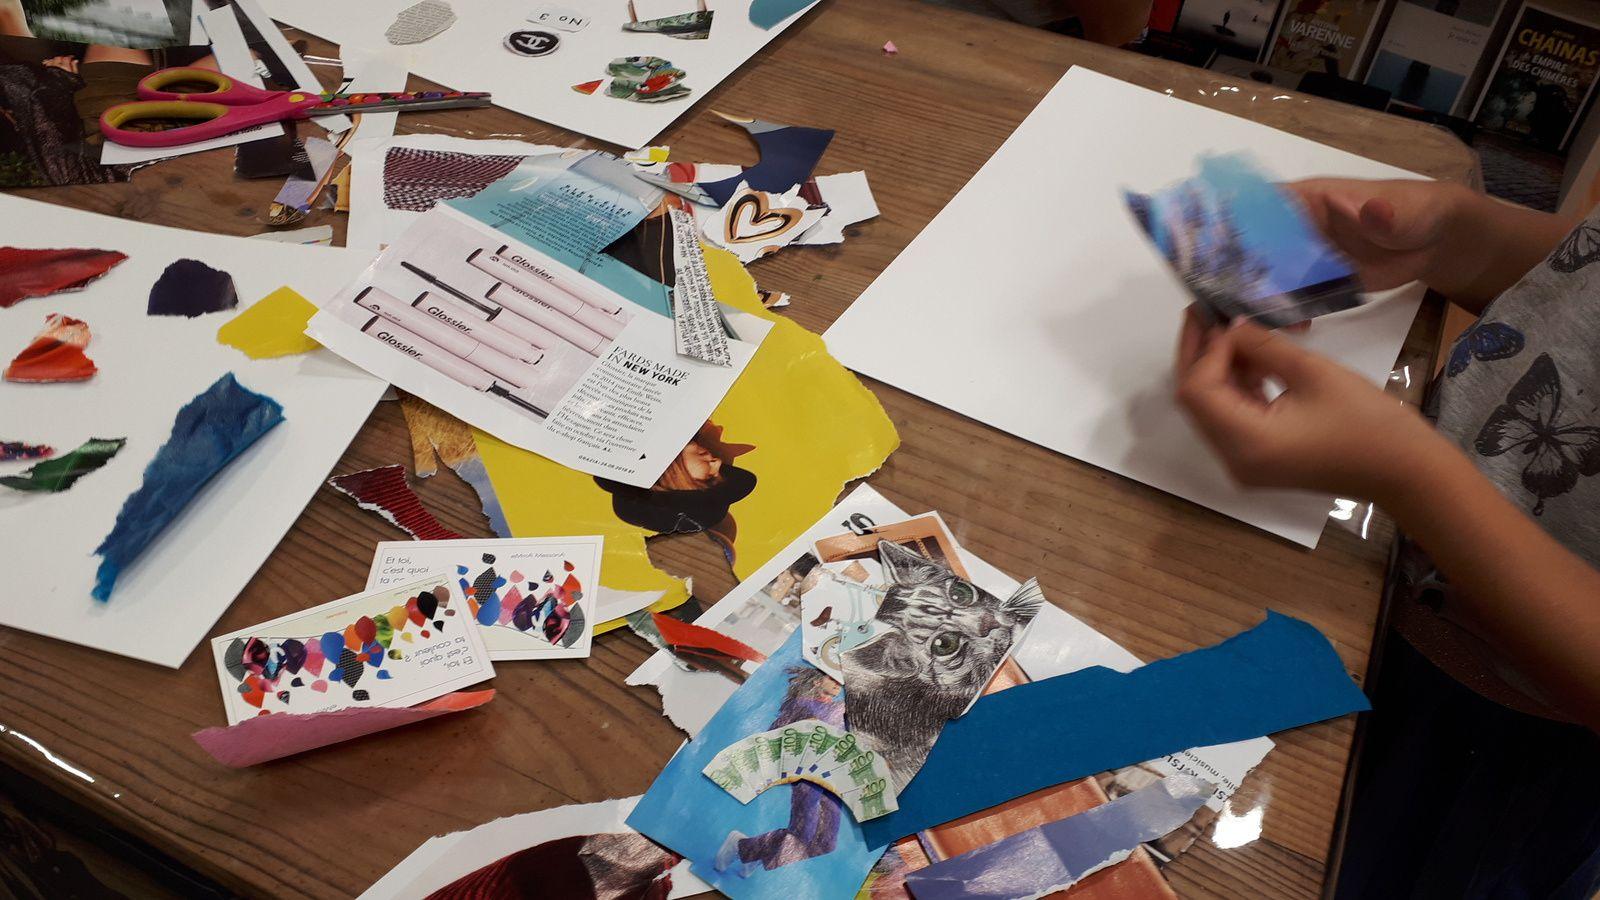 26 septembre 2018 - Atelier collages animé par eMmA MessanA à la librairie Au chat lent à Challans